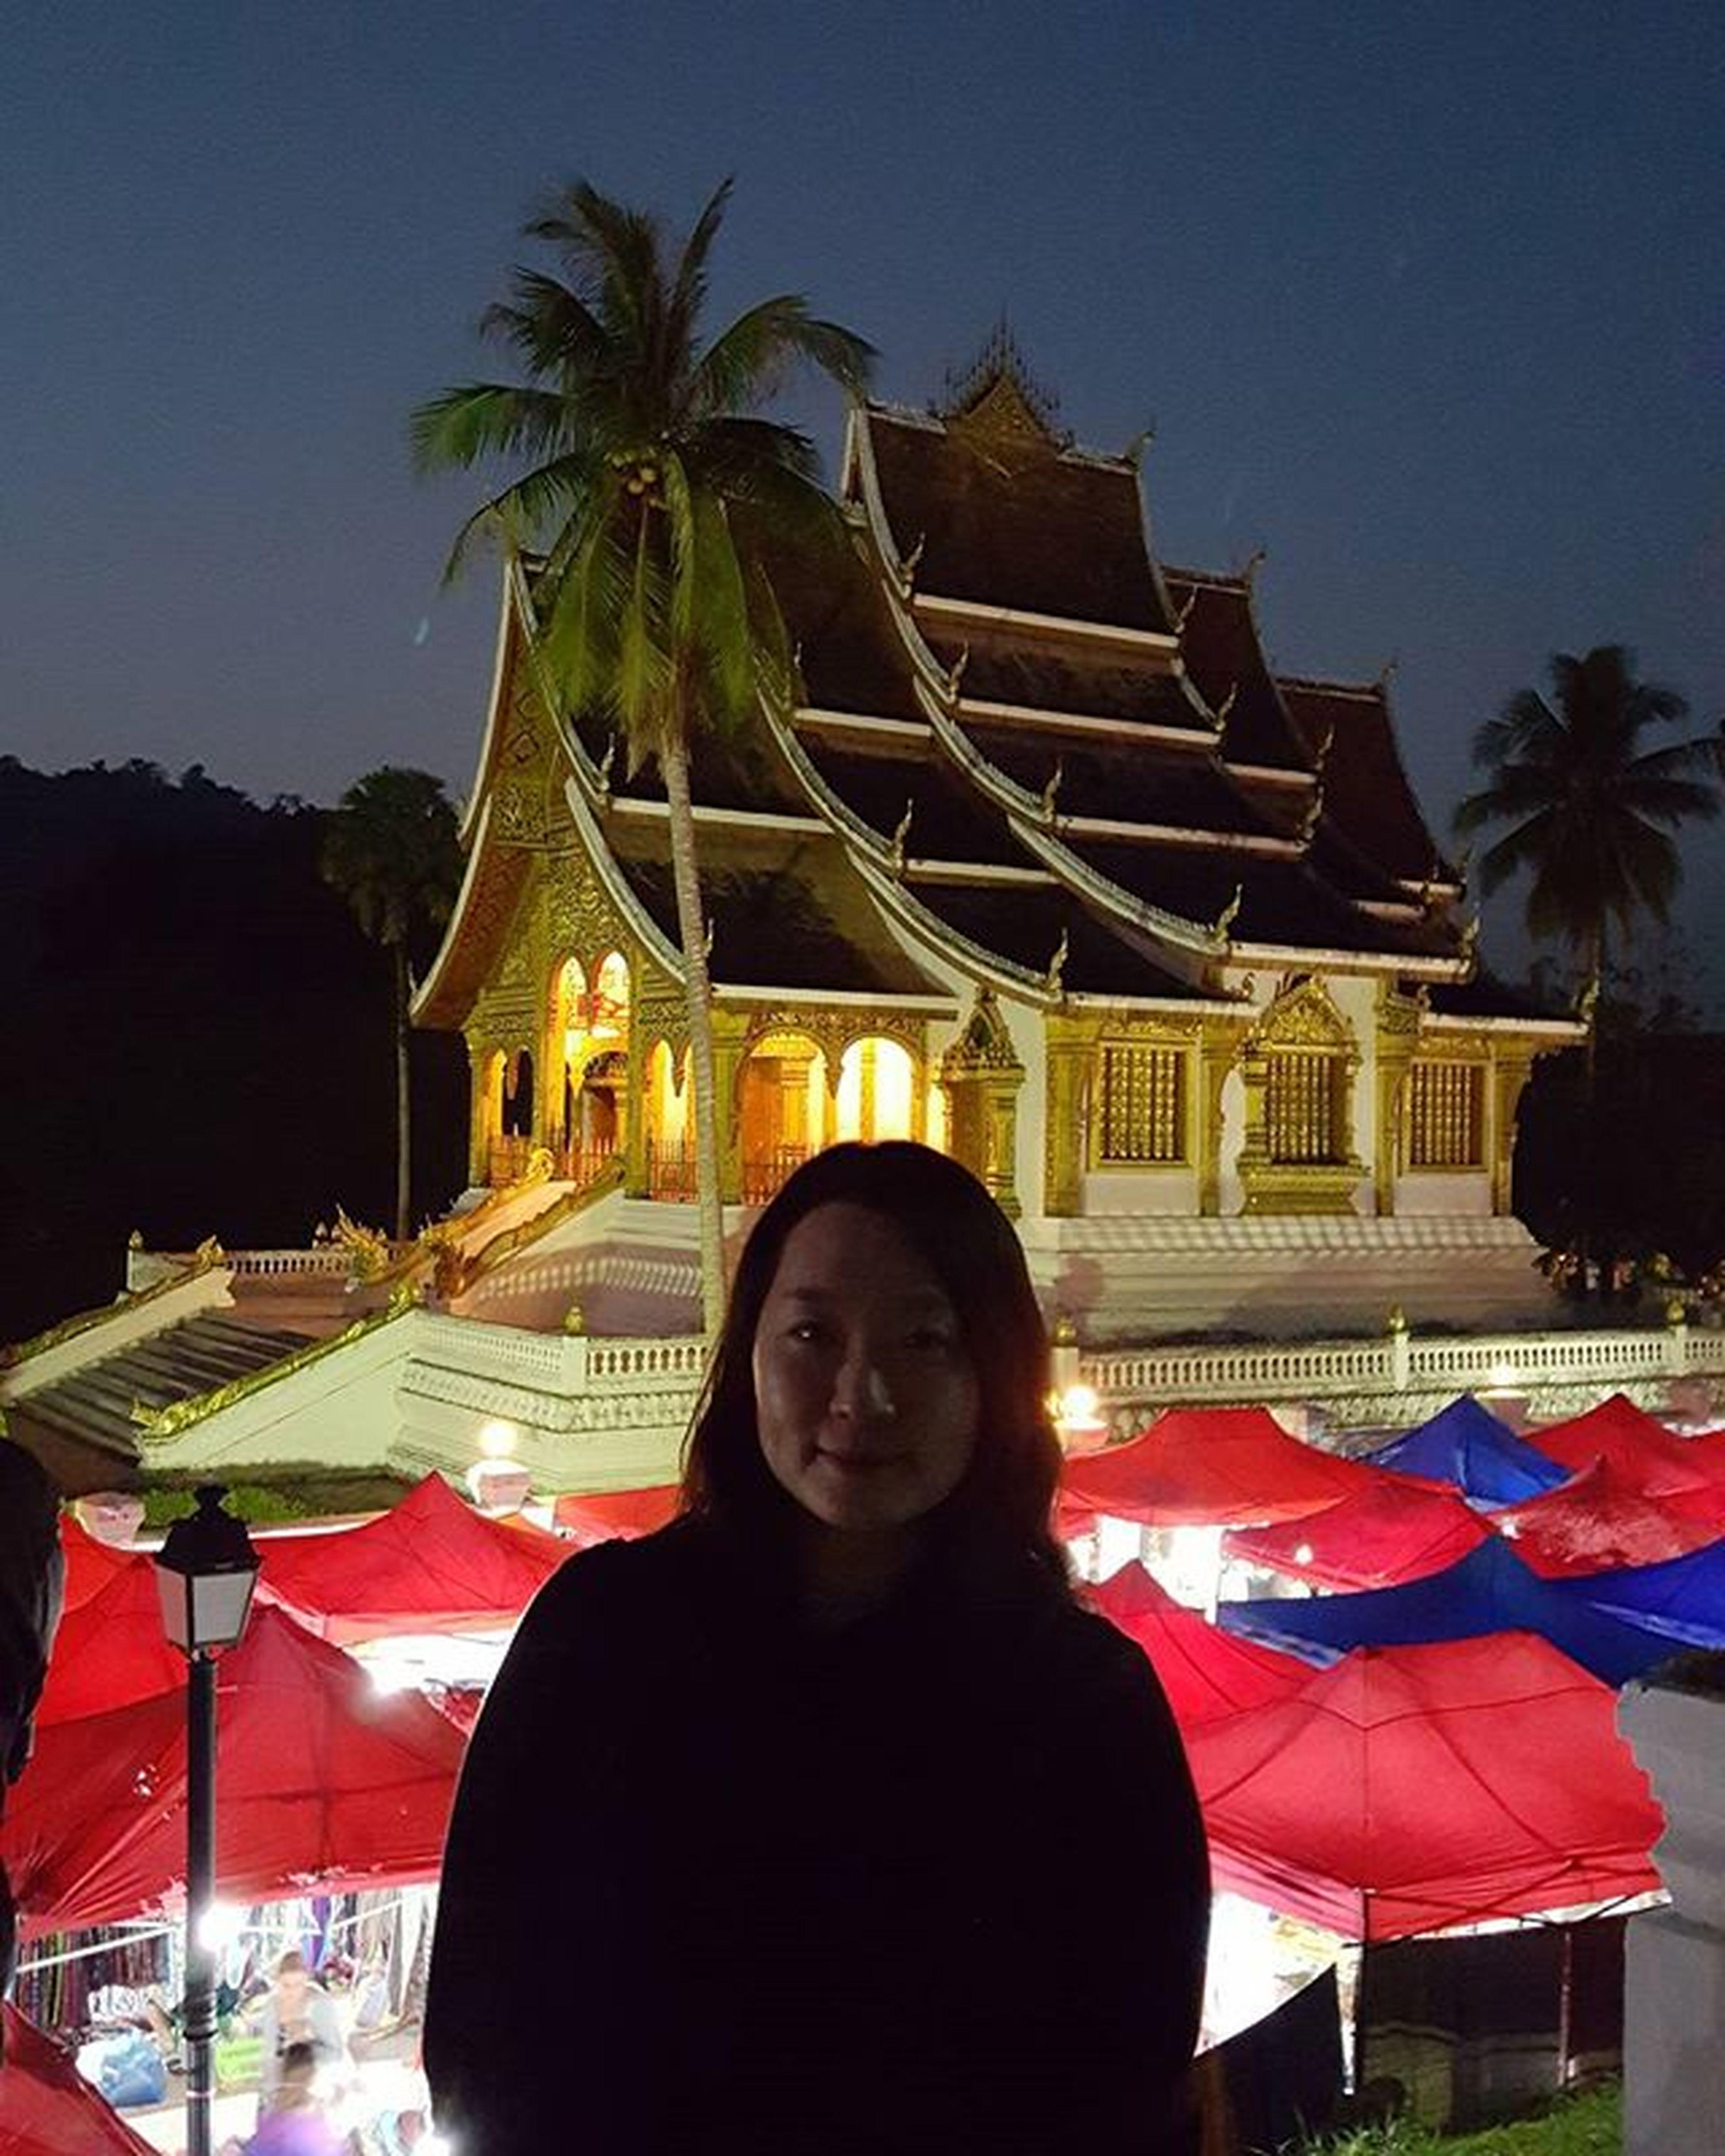 ☆ 라오스 여행중 가장 신나게 쇼핑한 곳ㅋㅋ 역시 쇼핑은 흥정!! . RAOS Luangprabang Nightmarket 라오스 루앙프라방 나이트마켓